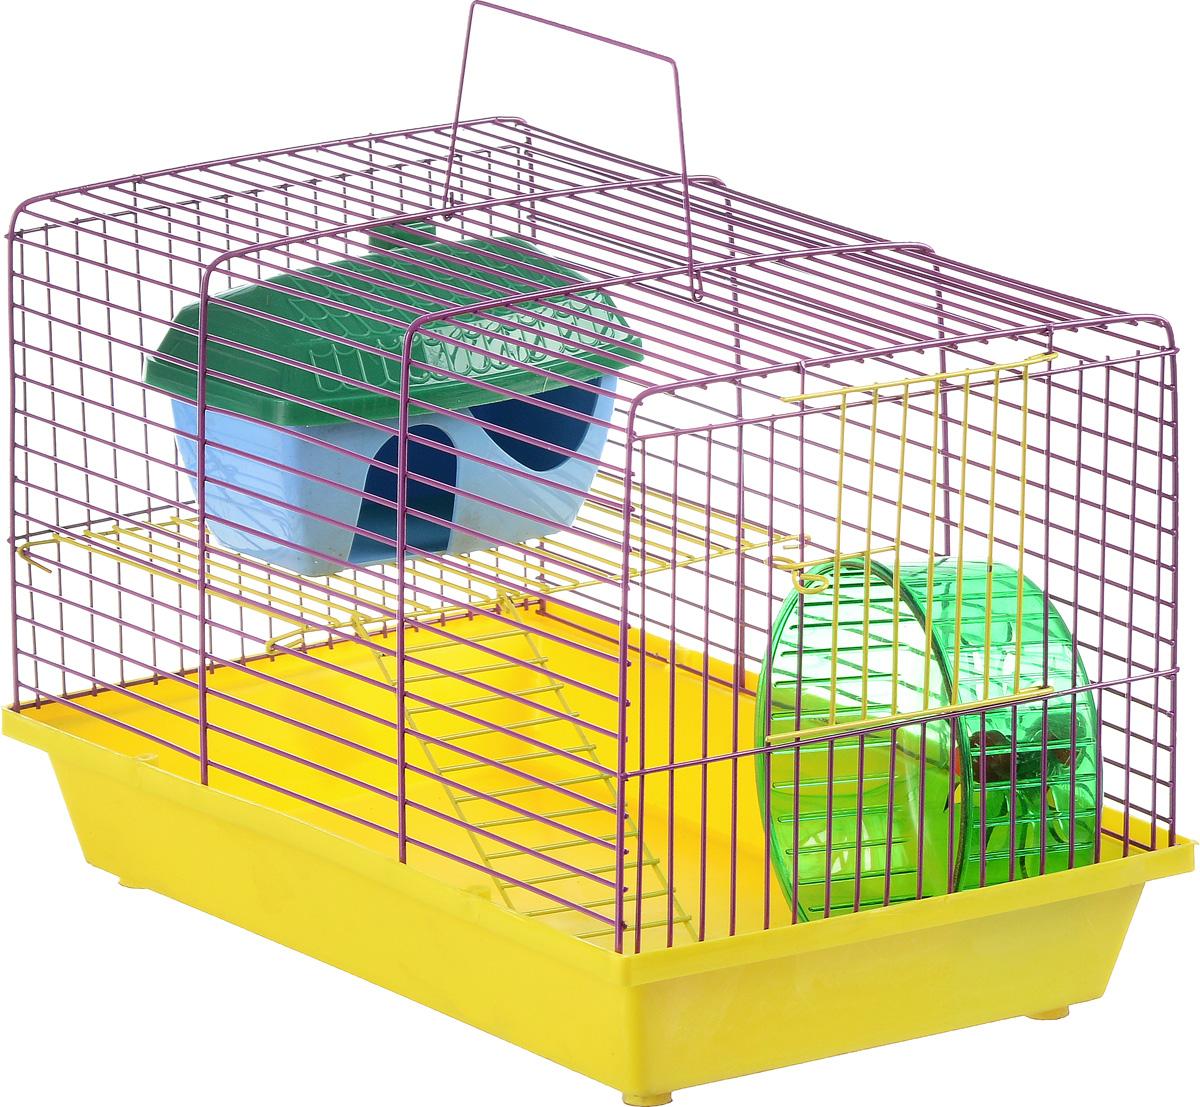 Клетка для грызунов ЗооМарк, 2-этажная, цвет: желтый поддон, фиолетовая решетка, желтый этаж, 36 х 22 х 24 см125_желтый, фиолетовыйКлетка ЗооМарк, выполненная из полипропилена и металла, подходит для мелких грызунов. Изделие двухэтажное, оборудовано колесом для подвижных игр и пластиковым домиком. Клетка имеет яркий поддон, удобна в использовании и легко чистится. Сверху имеется ручка для переноски, а сбоку удобная дверца. Такая клетка станет уединенным личным пространством и уютным домиком для маленького грызуна.